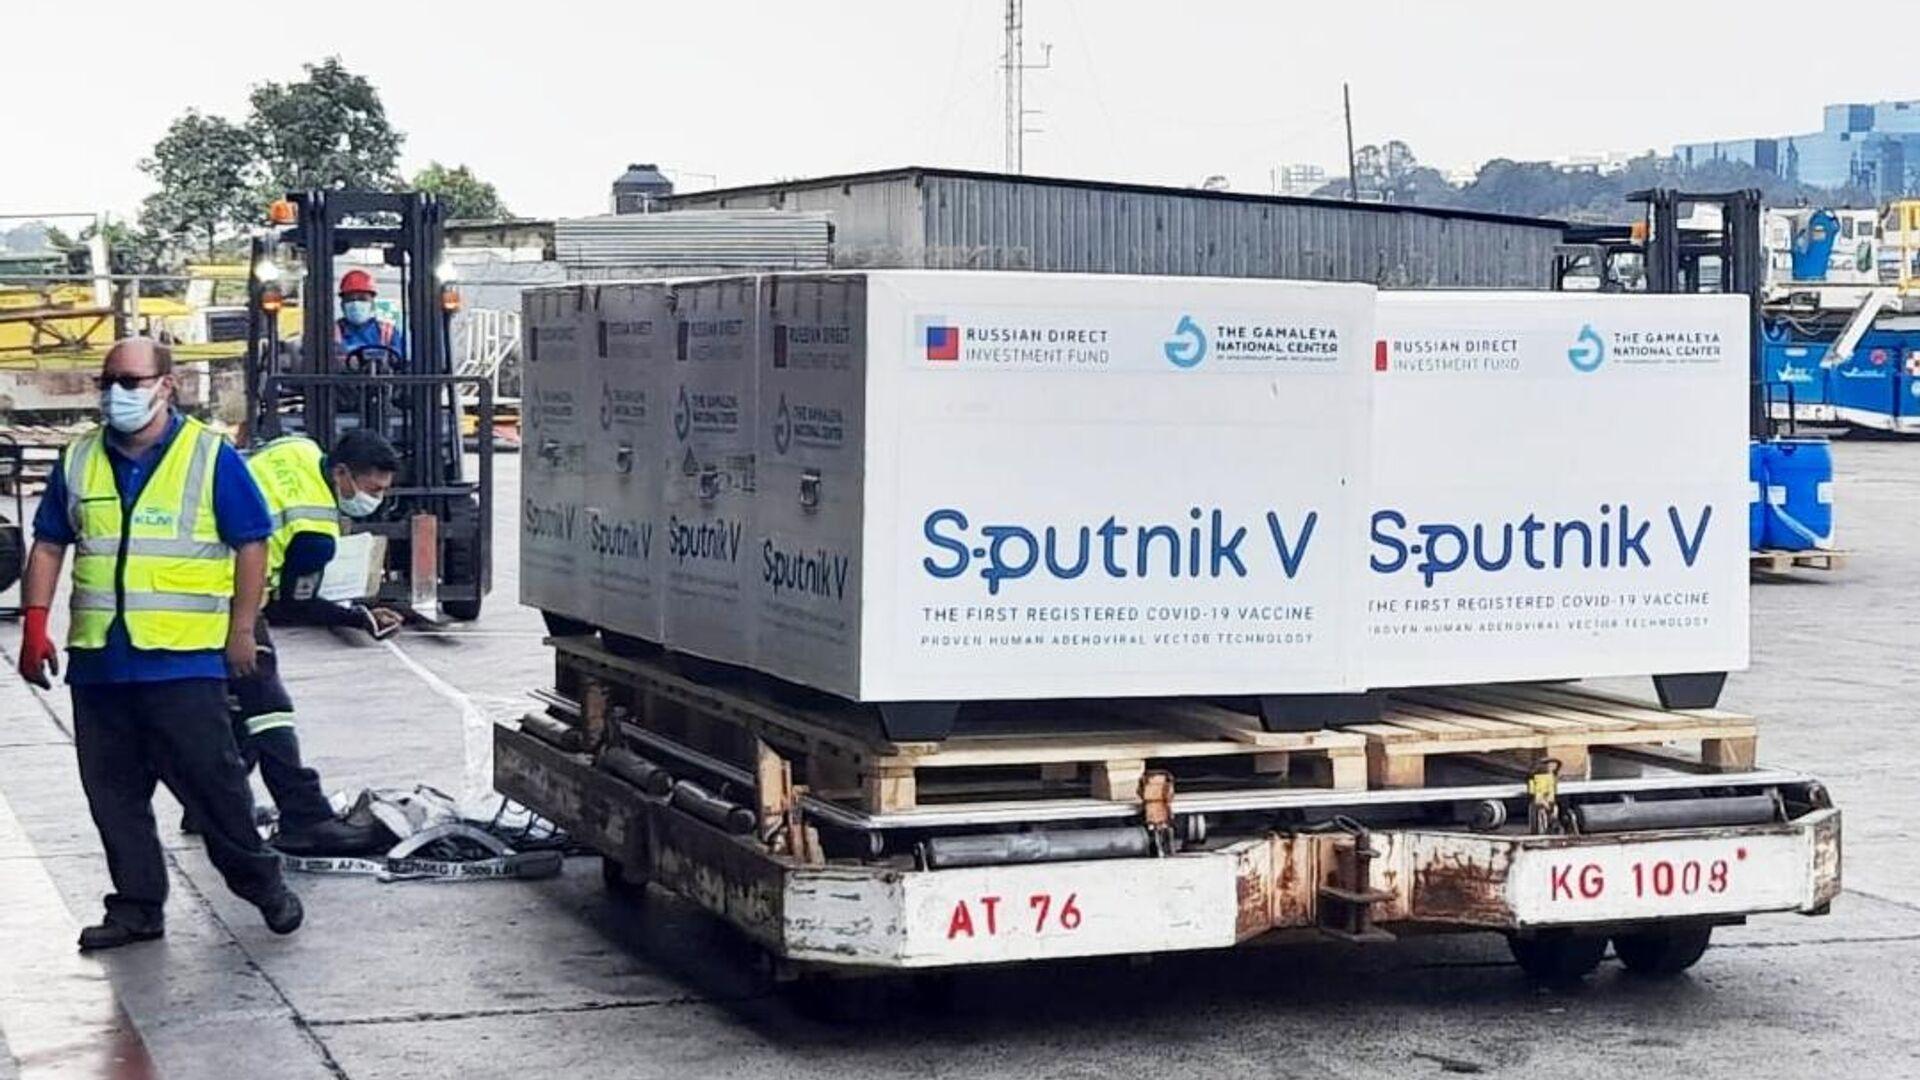 Груз российской вакцины Sputnik V от коронавирусной инфекции COVID-19 прибыл самолетом в Гватемалу - РИА Новости, 1920, 30.06.2021